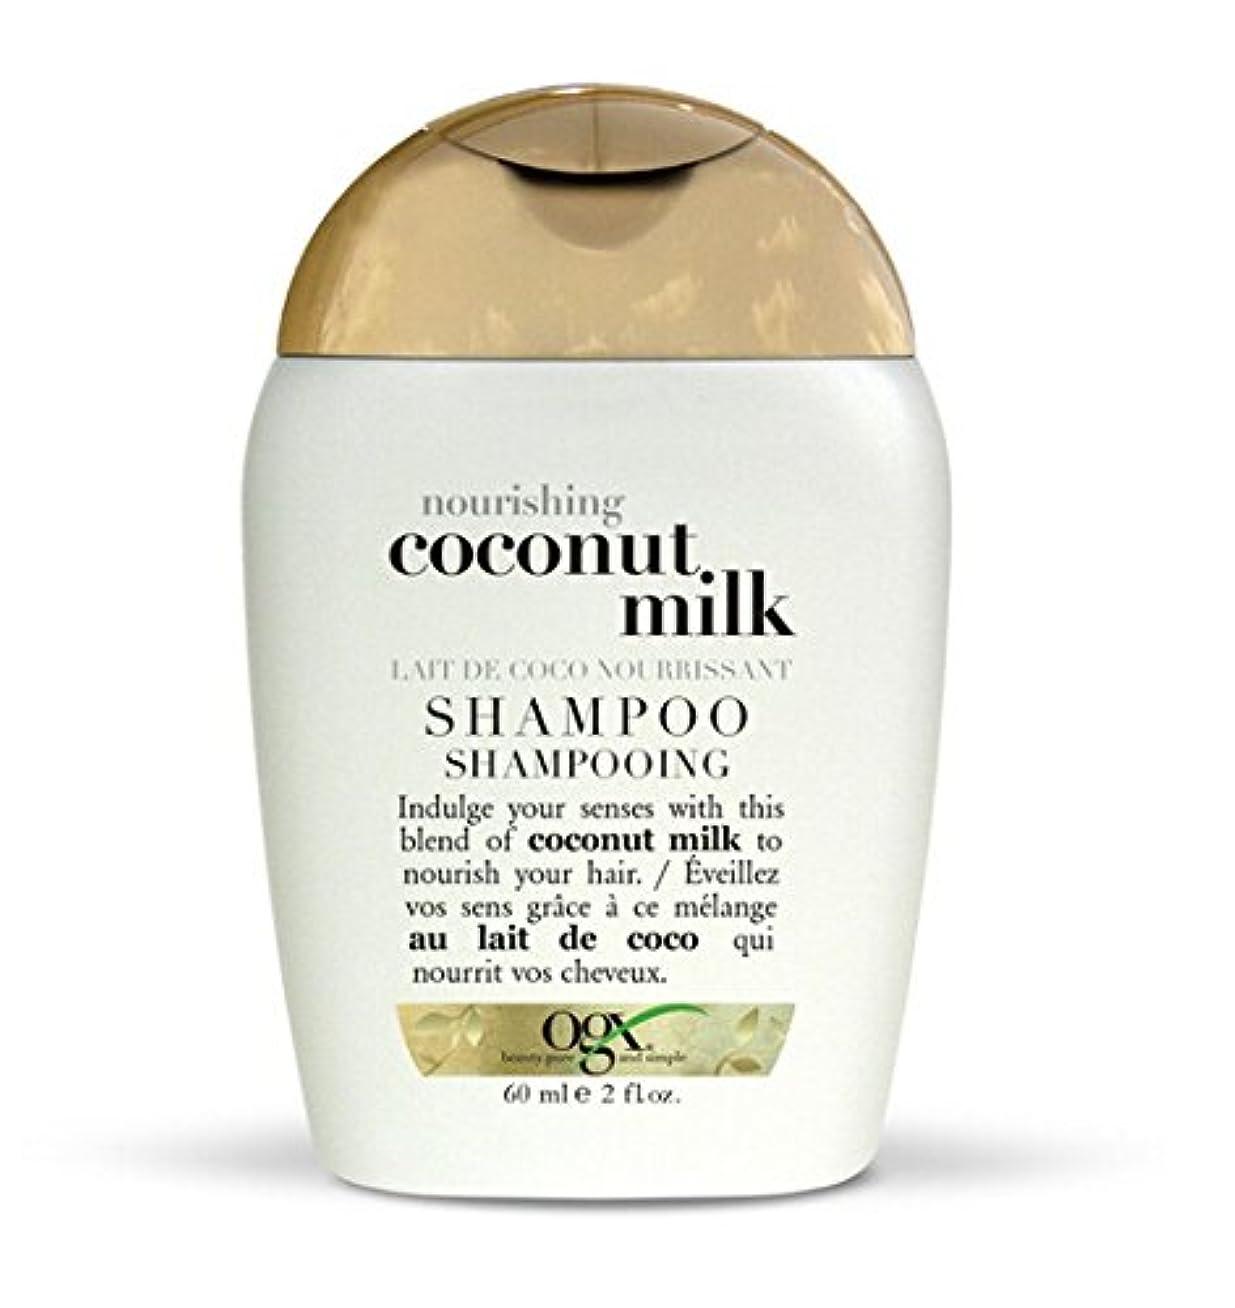 冷酷な便宜政治Vogue ヴォーグ オーガニクス 髪いきいきココナッツミルク 自然派ヘアケア シャンプー 60ml coconut milk shampoo [並行輸入品]